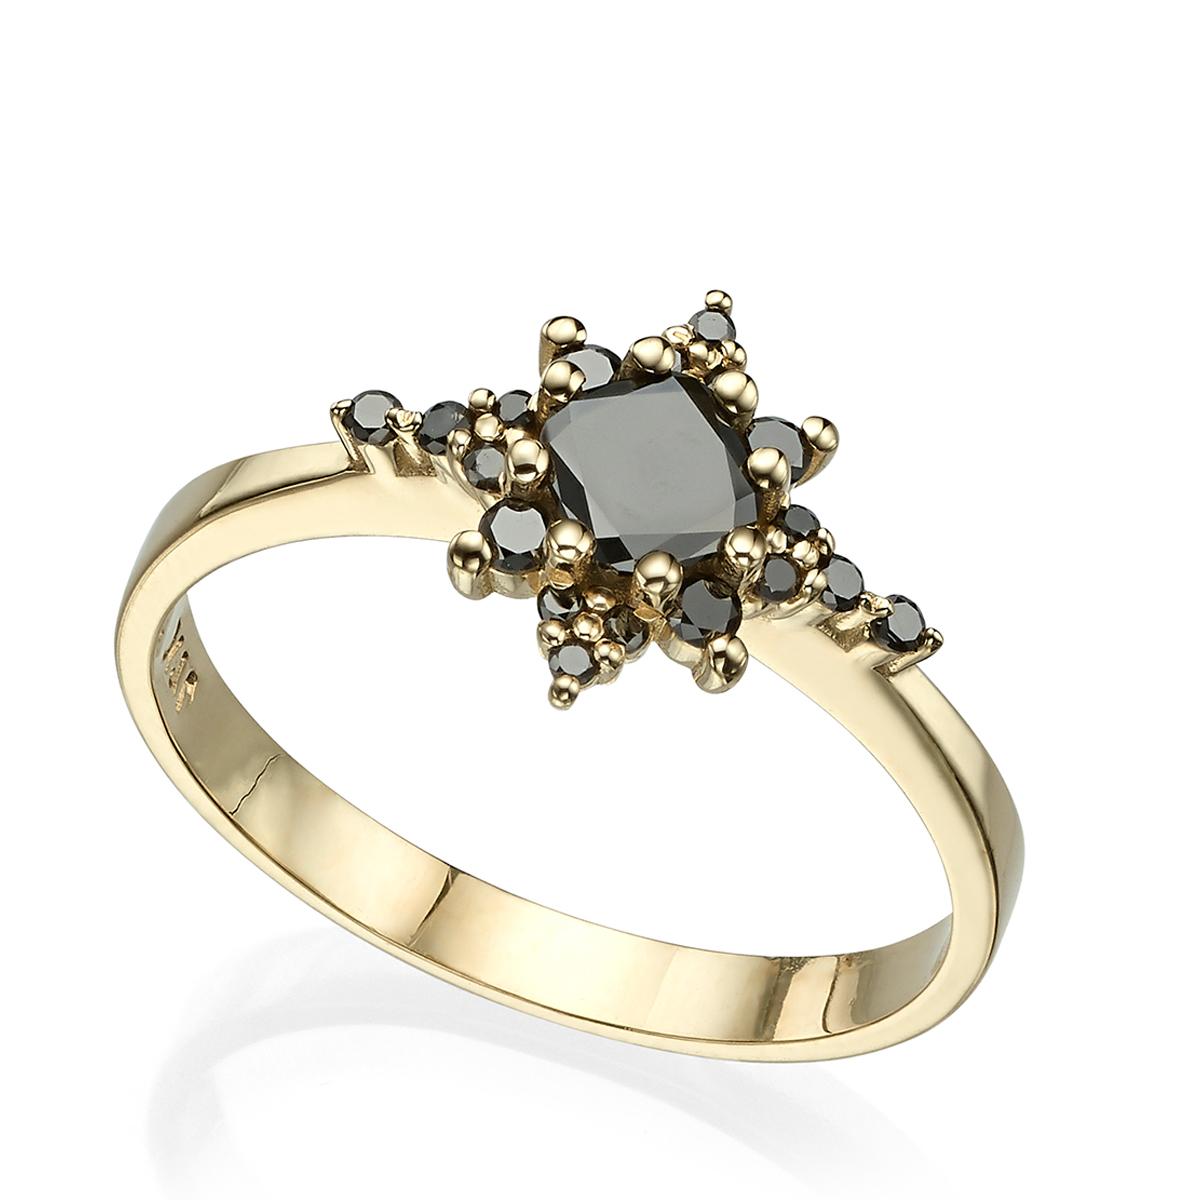 טבעת כוכב יהלומים שחורים, עם יהלום פריננס מרכזי